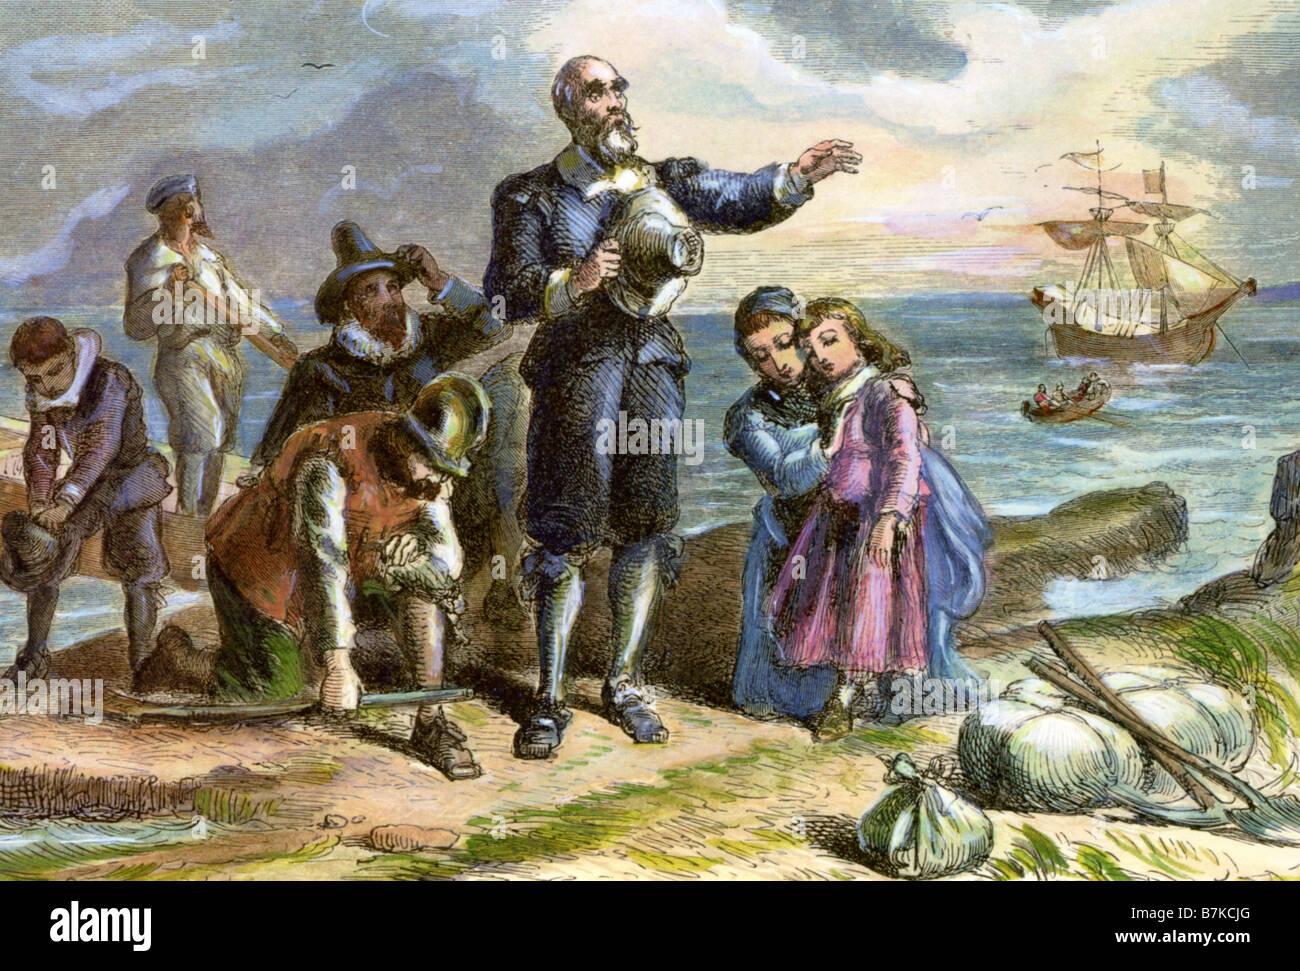 PILGRIM FATHERS englischen puritanischen Kolonisten, die in der Mayflower segelte top Nordamerika im Jahre 1620 Stockbild